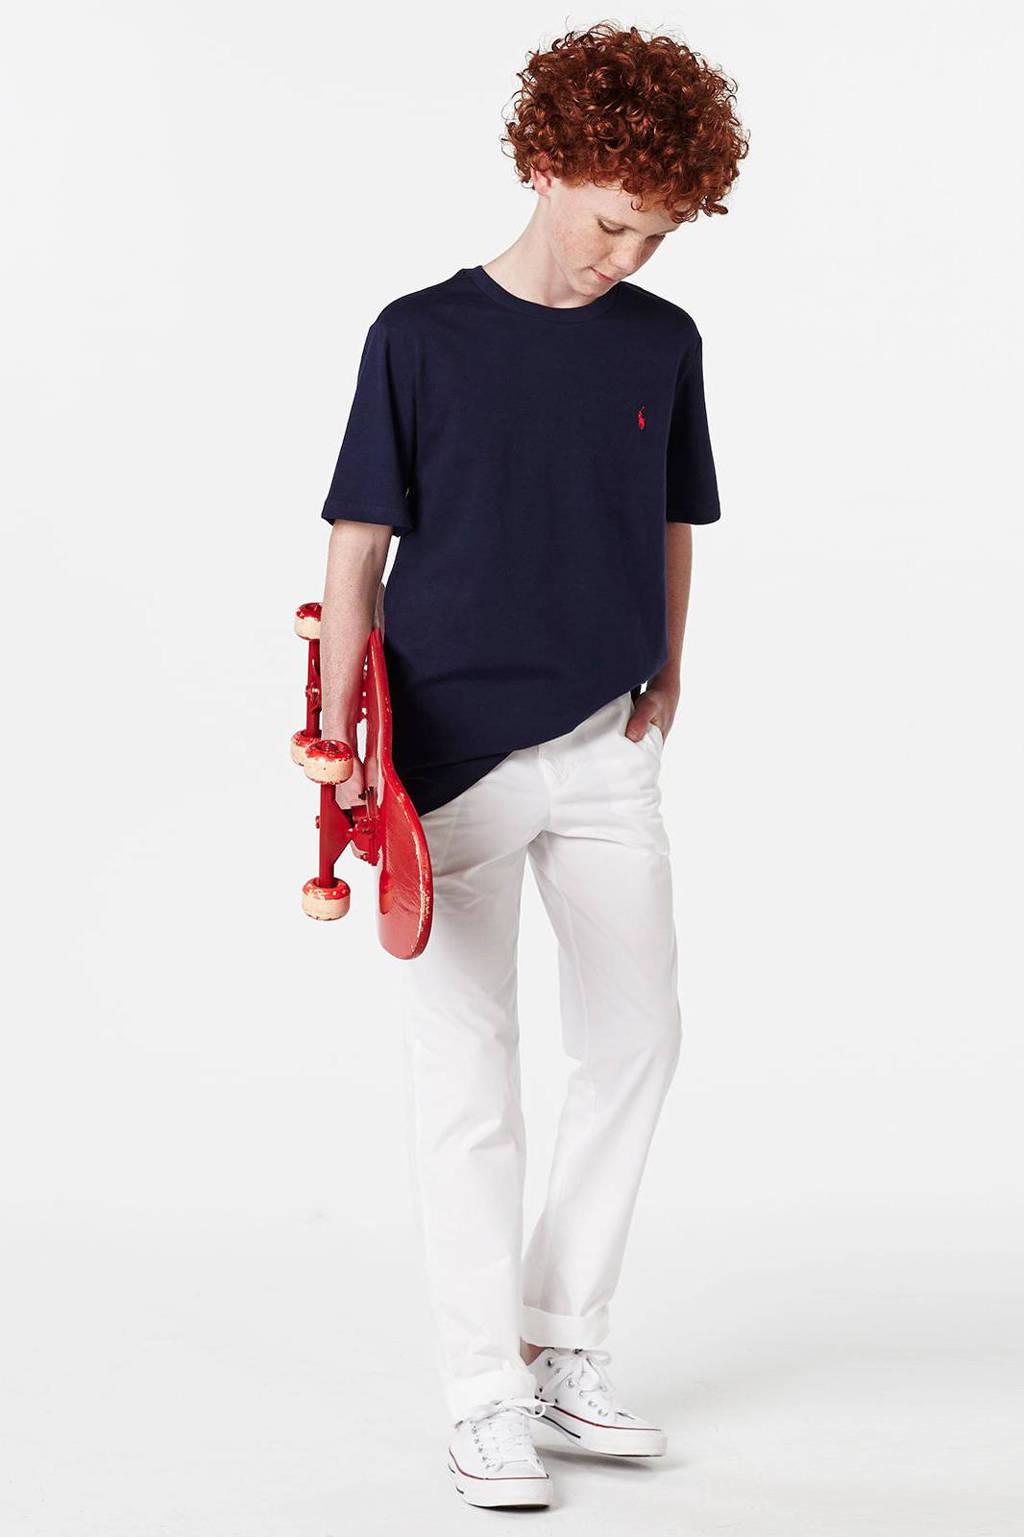 POLO Ralph Lauren T-shirt donkerblauw, Marine blauw